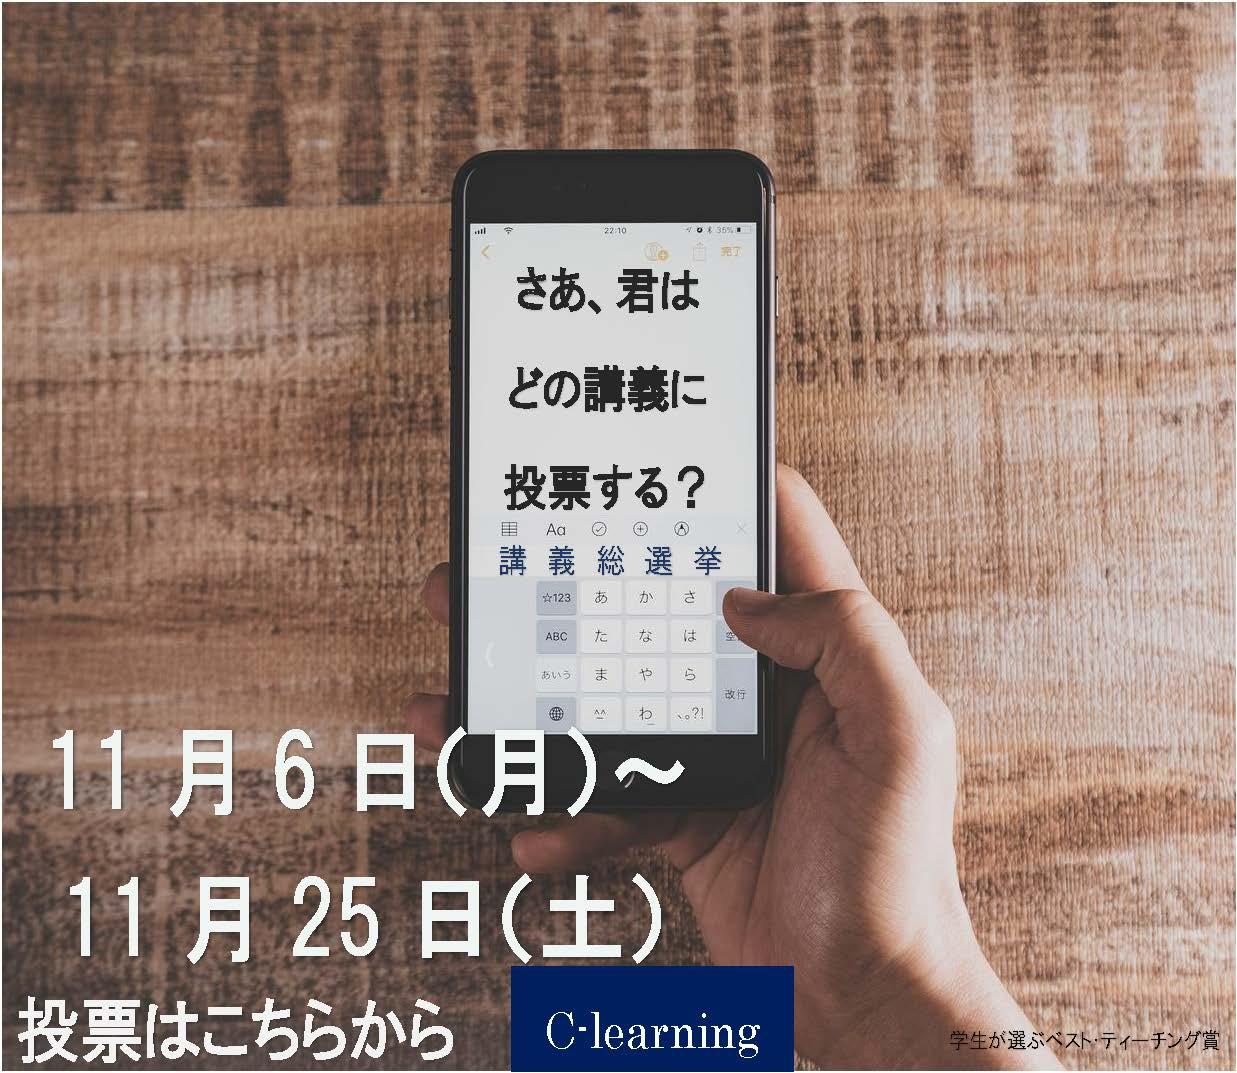 https://www.komazawa-u.ac.jp/about/files/882c6ad69d9ae3397afda8f87f7288bf.jpg